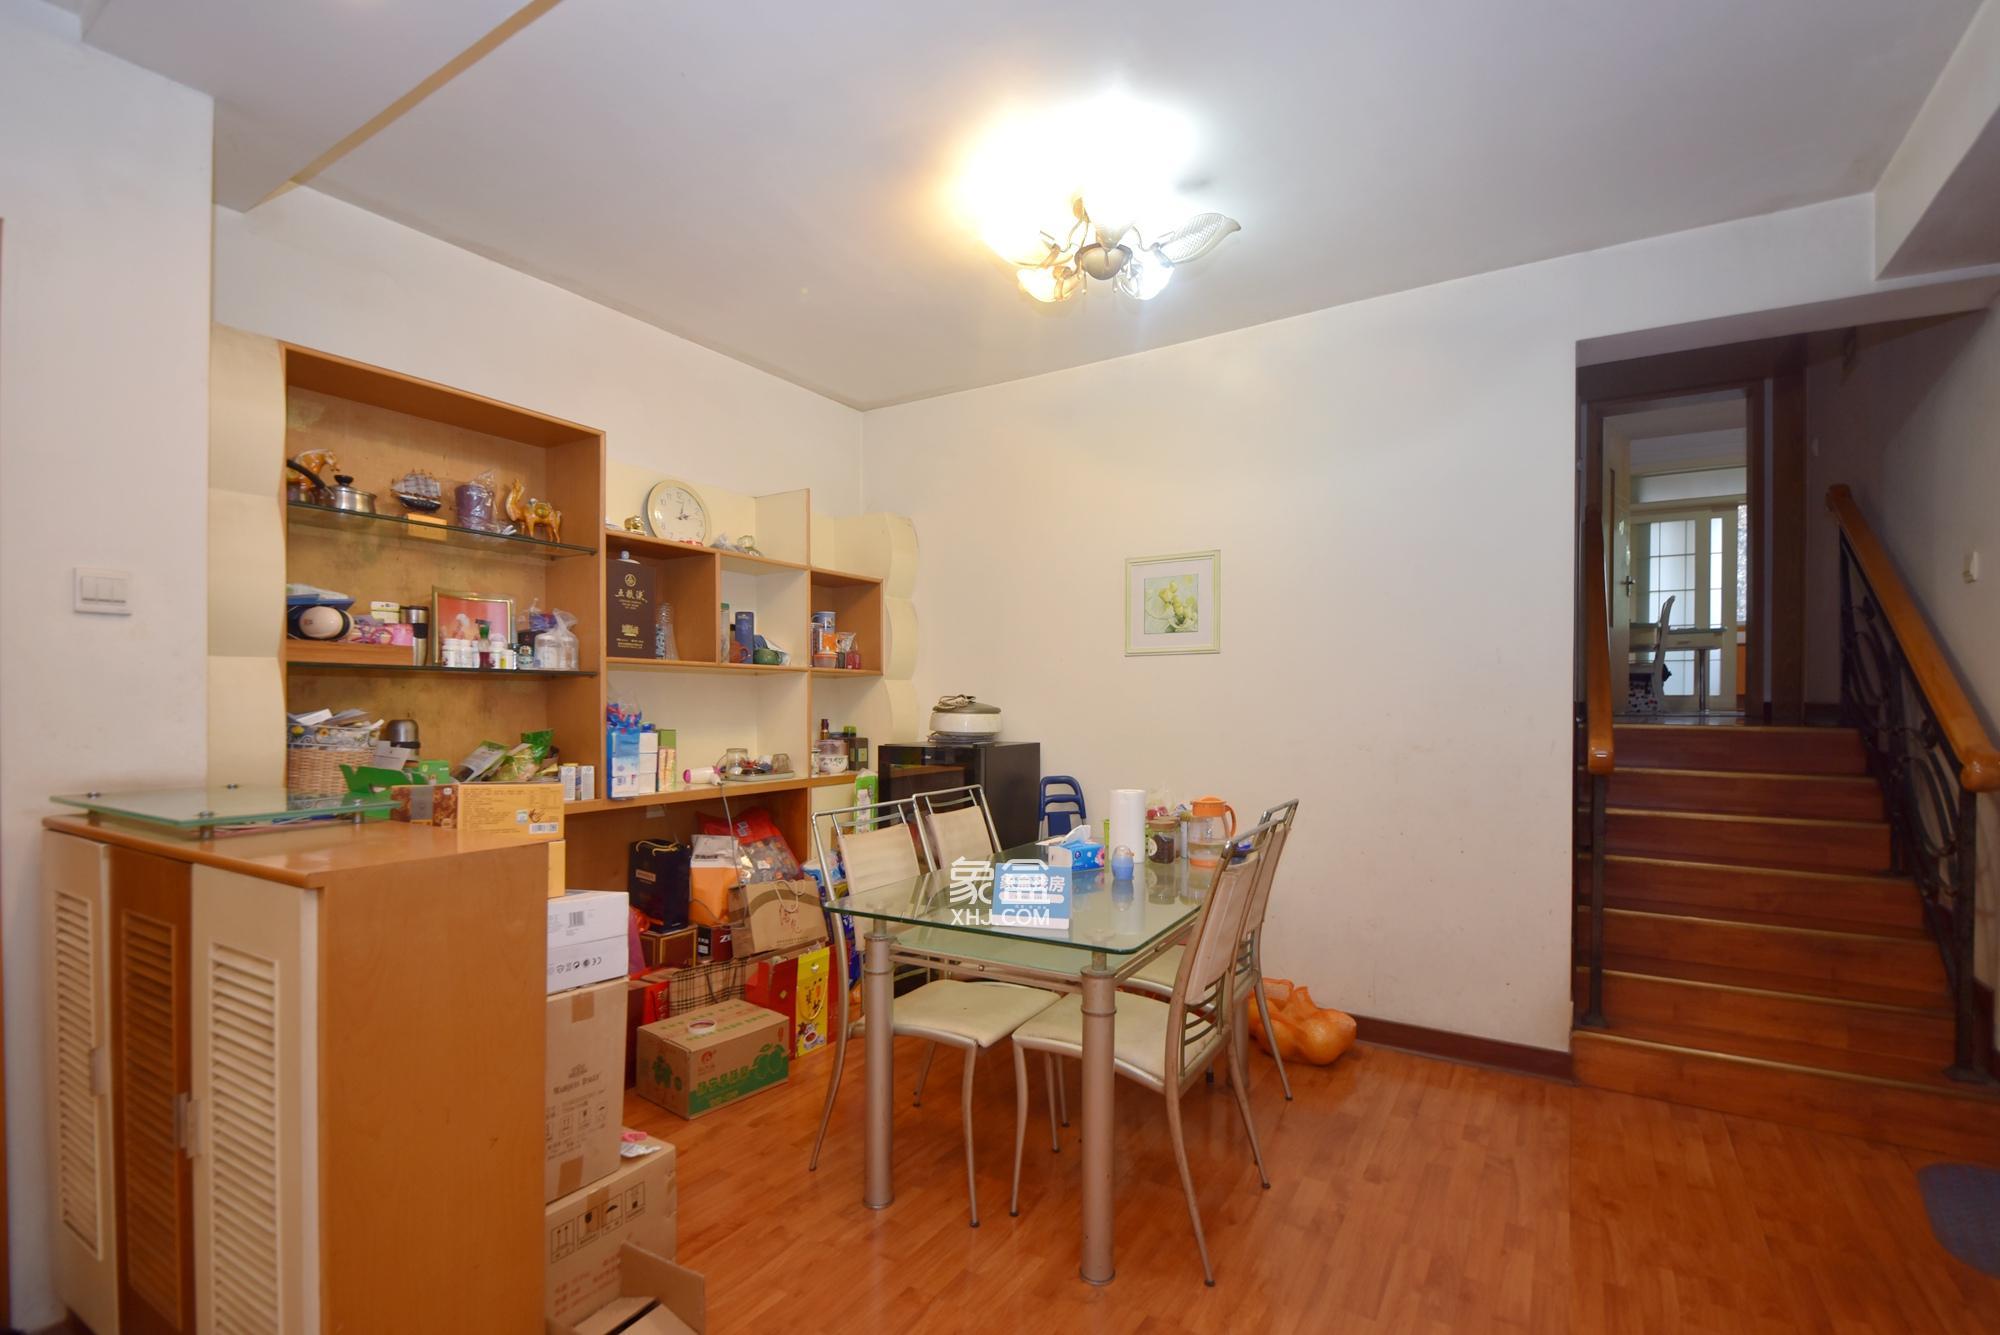 广济桥长塘里 湘雅附二 广济苑公寓 正规三房 业主自住装修